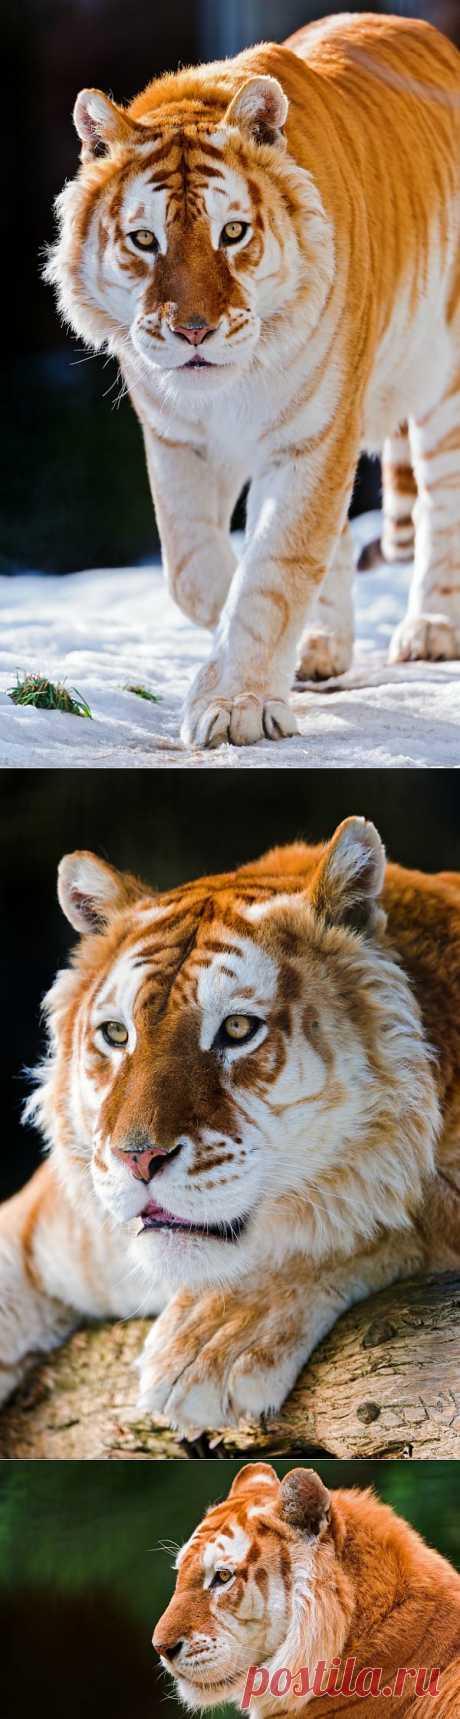 Лучшие фотографии со всего света - Золотой тигр